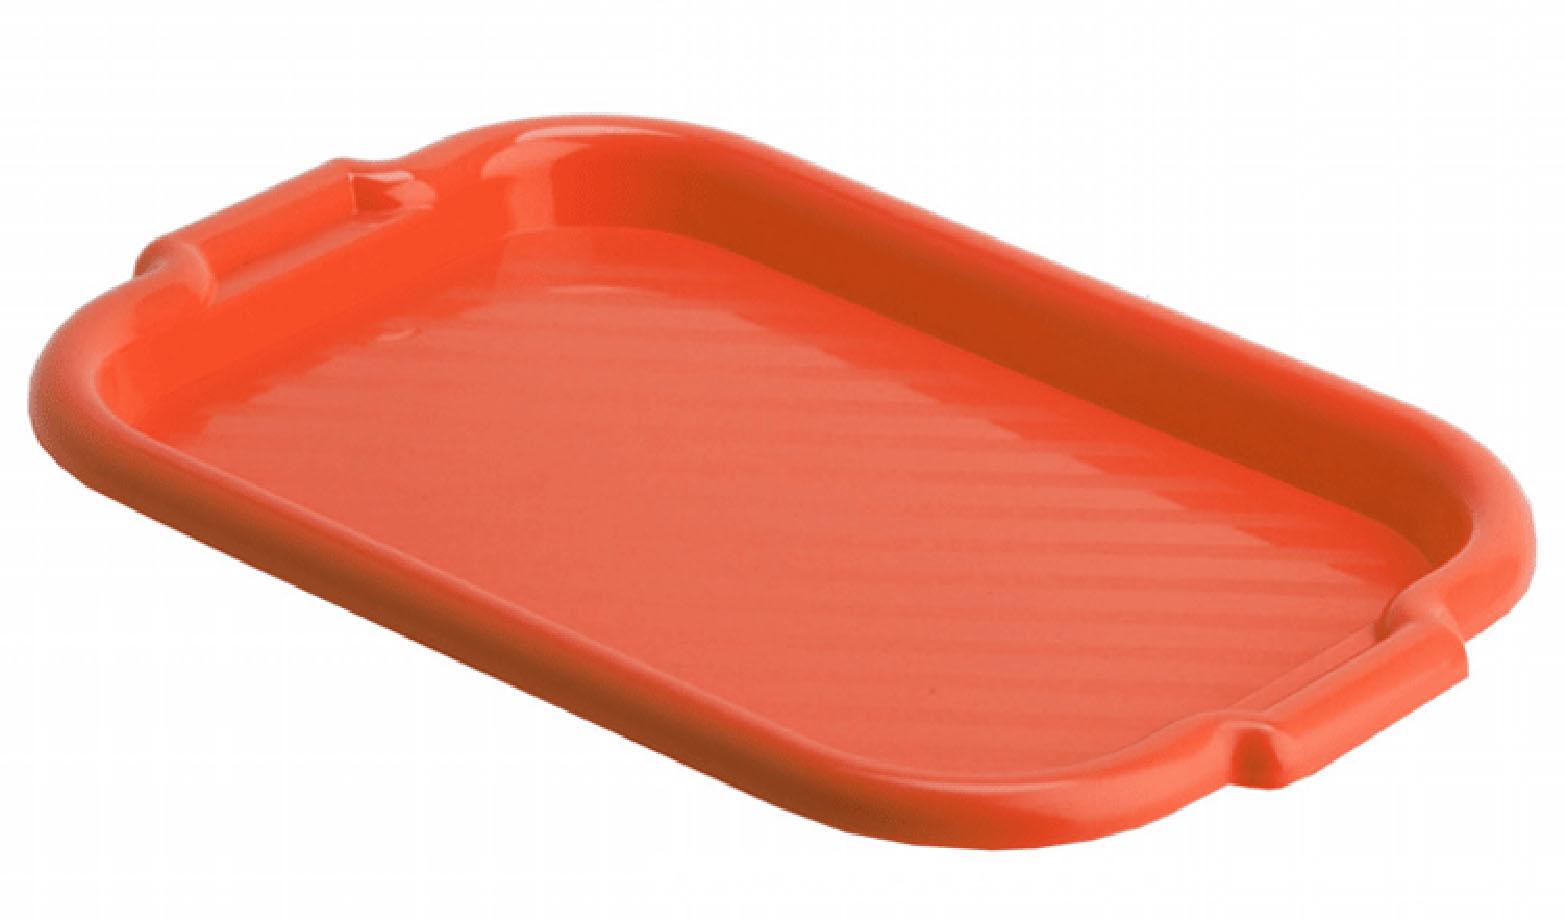 Поднос универсальный Idea, цвет: красный, 49 х 33 смМ 1111Универсальный поднос Idea изготовлен из высококачественного прочного полипропилена. Поднос снабжен ручками для удобной переноски. Универсальный, подходит для переноски, хранения и сервировки продуктов. Такой поднос пригодится в любом хозяйстве.